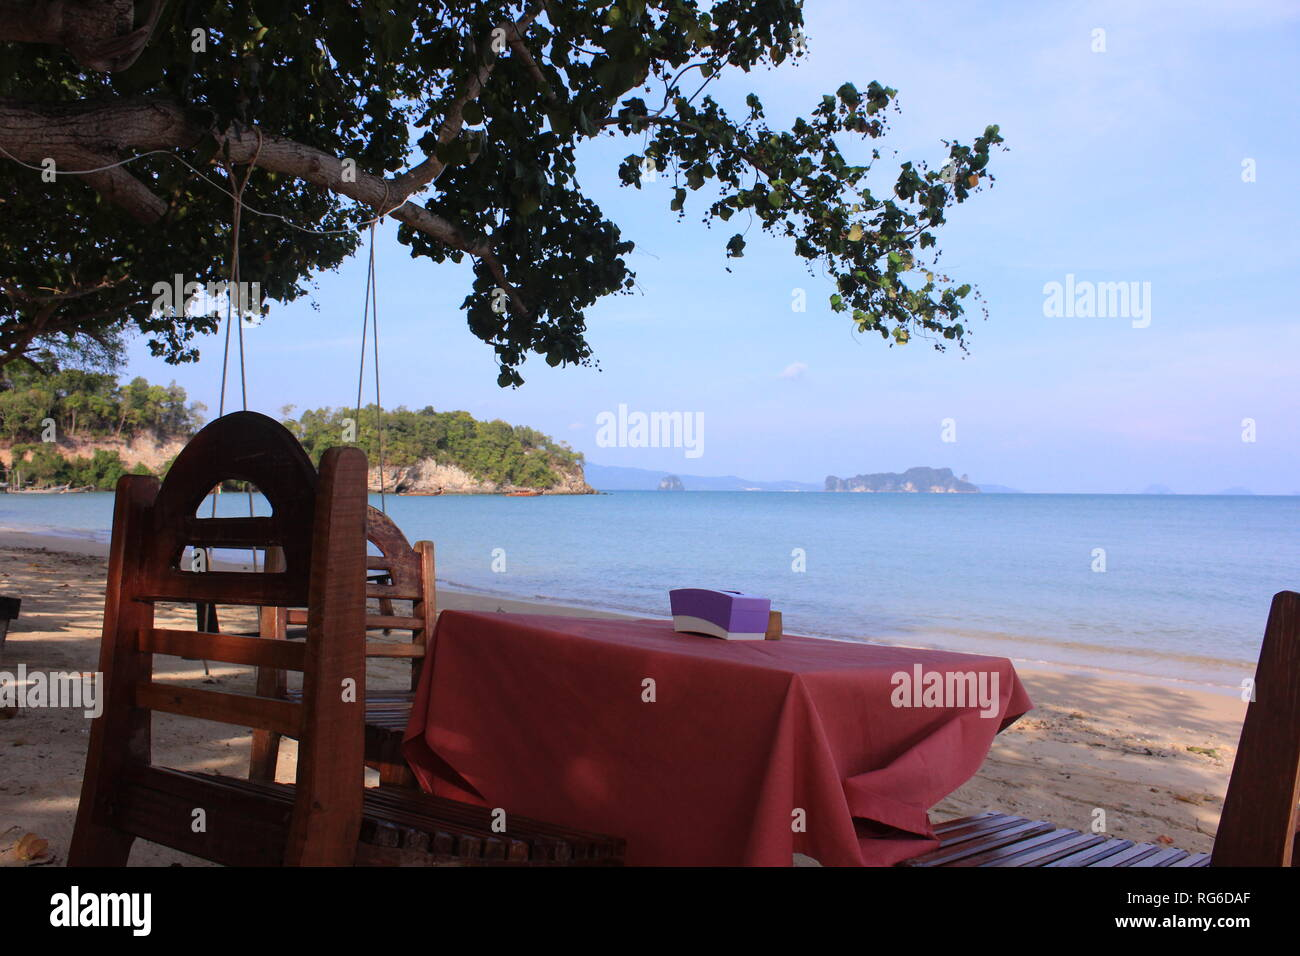 Tisch und Stühle am Strand einer thailändischen Insel mit Ausblick aufs Meer und die umgebenden Inseln - Stock Image